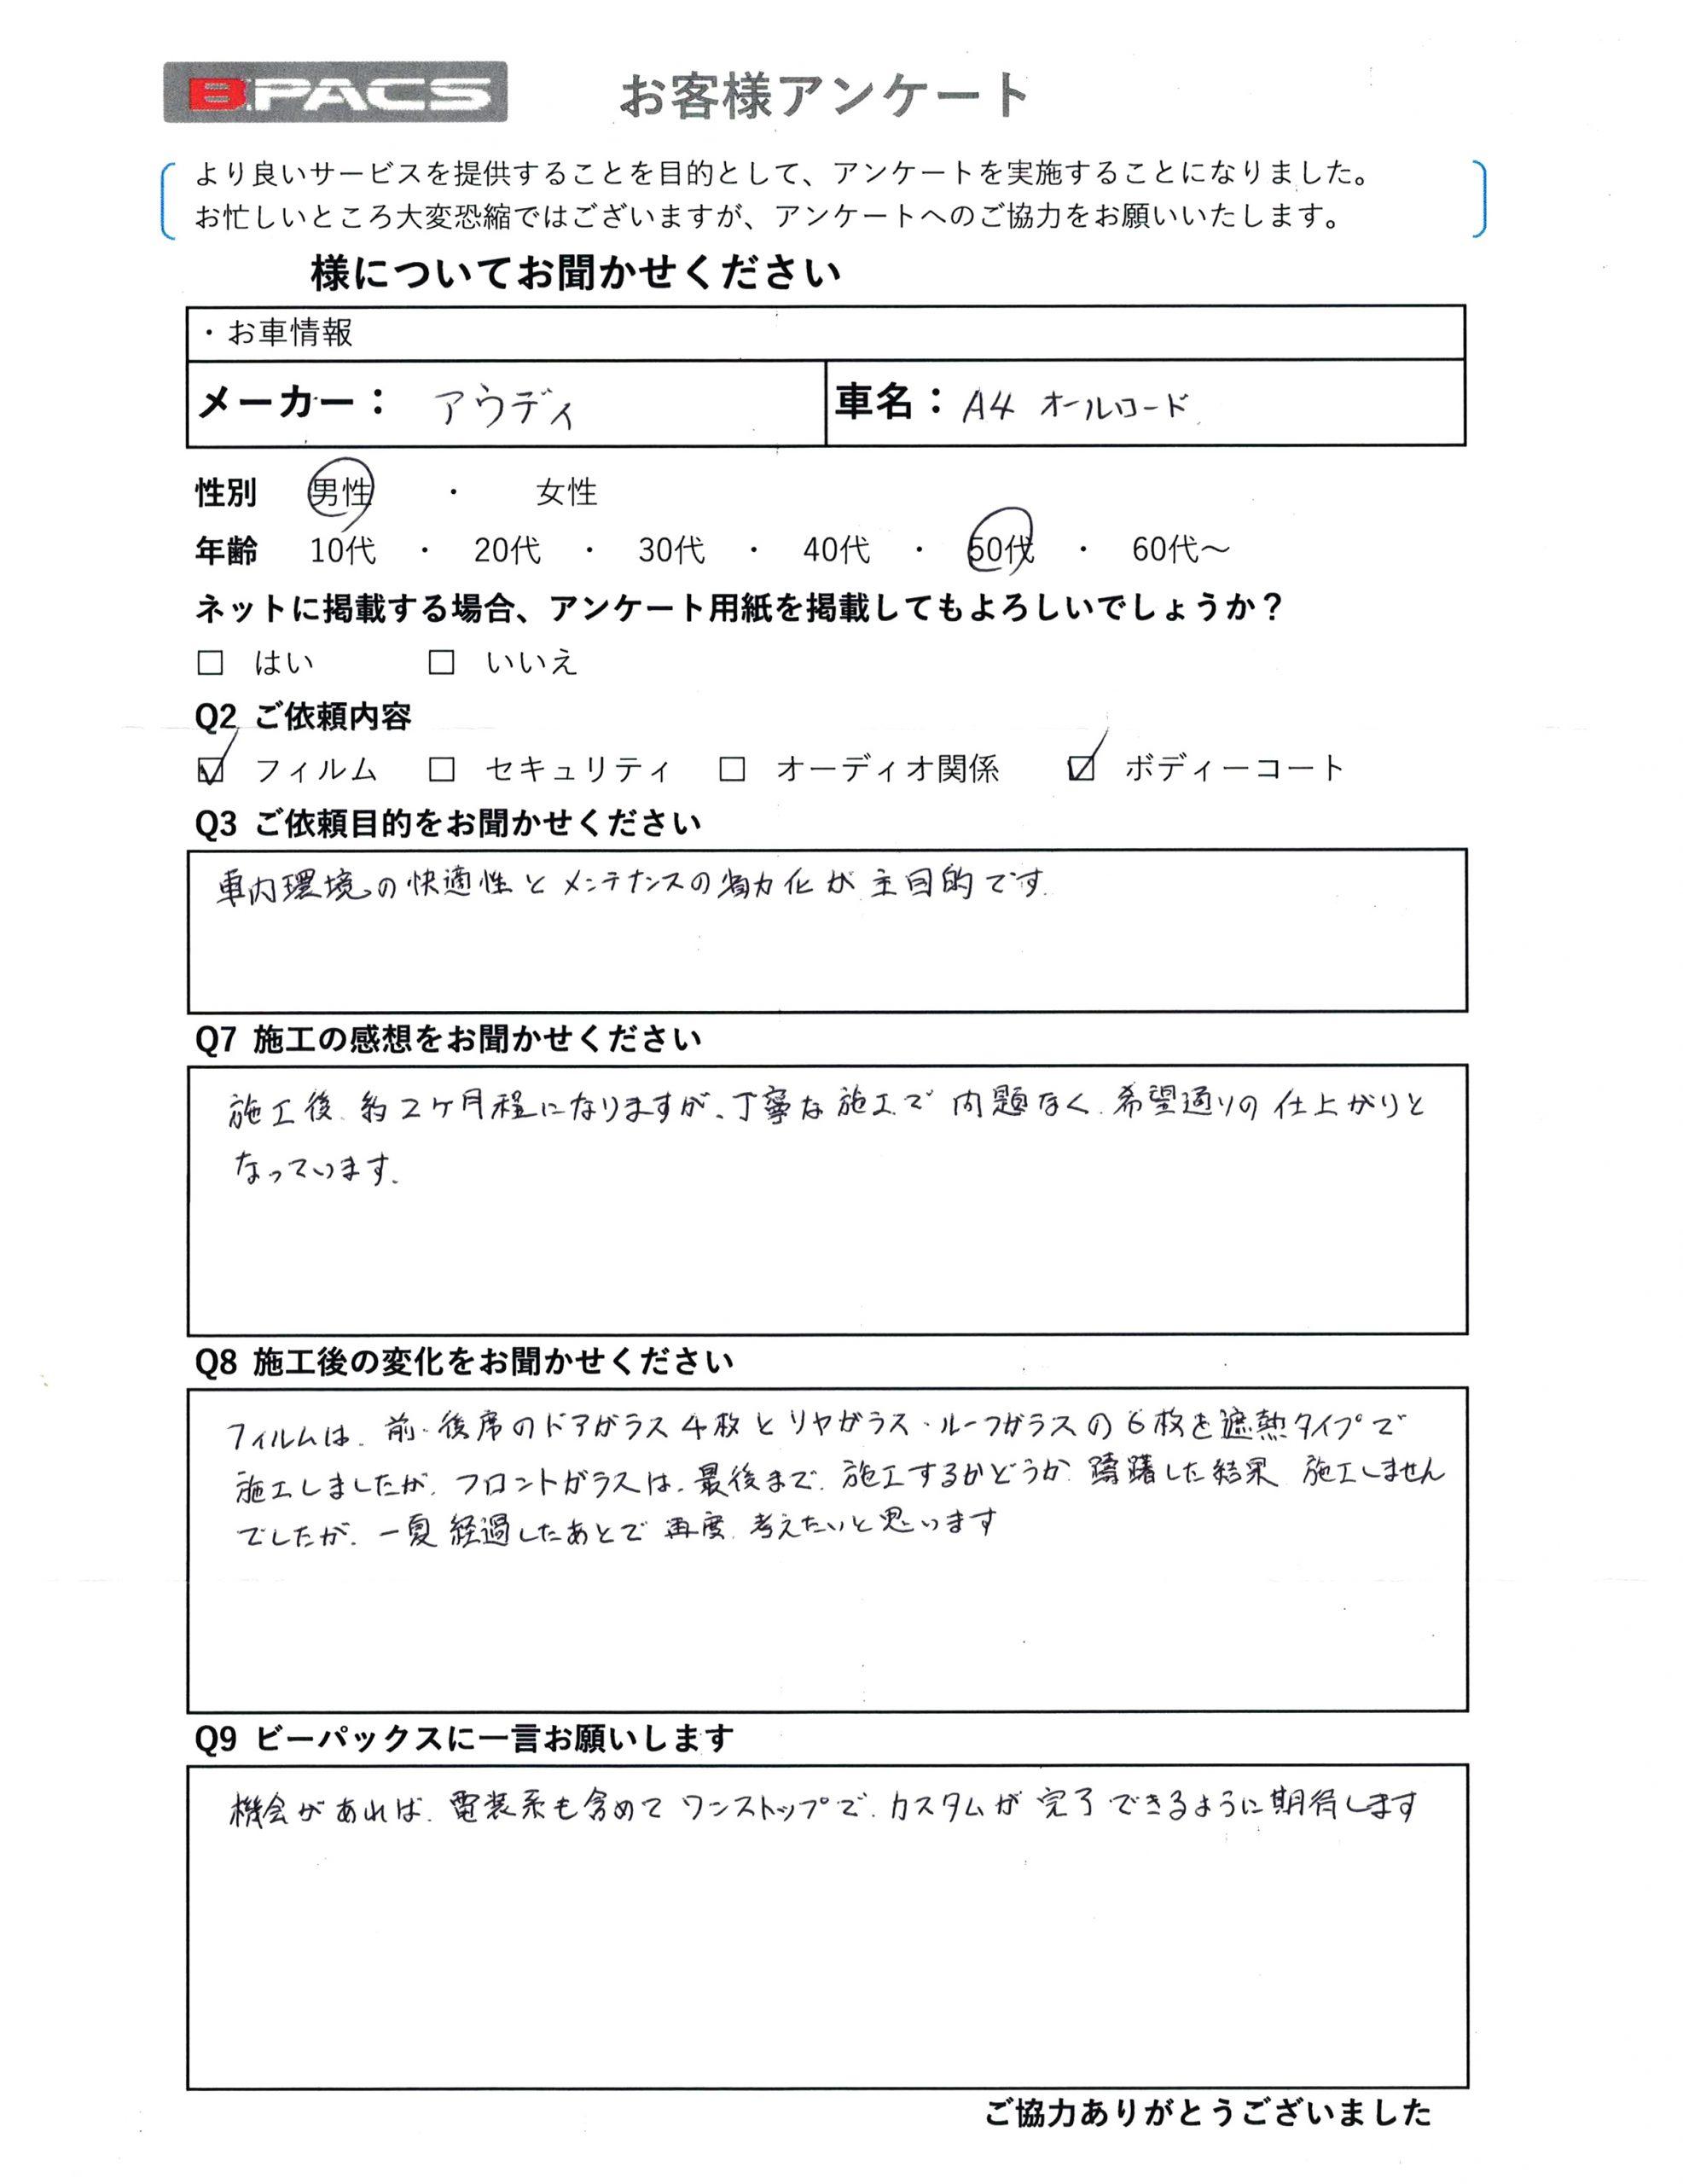 ビーパックスへのクチコミ/お客様の声:H.Y. 様(大阪府摂津市)/アウディ A4オールロード